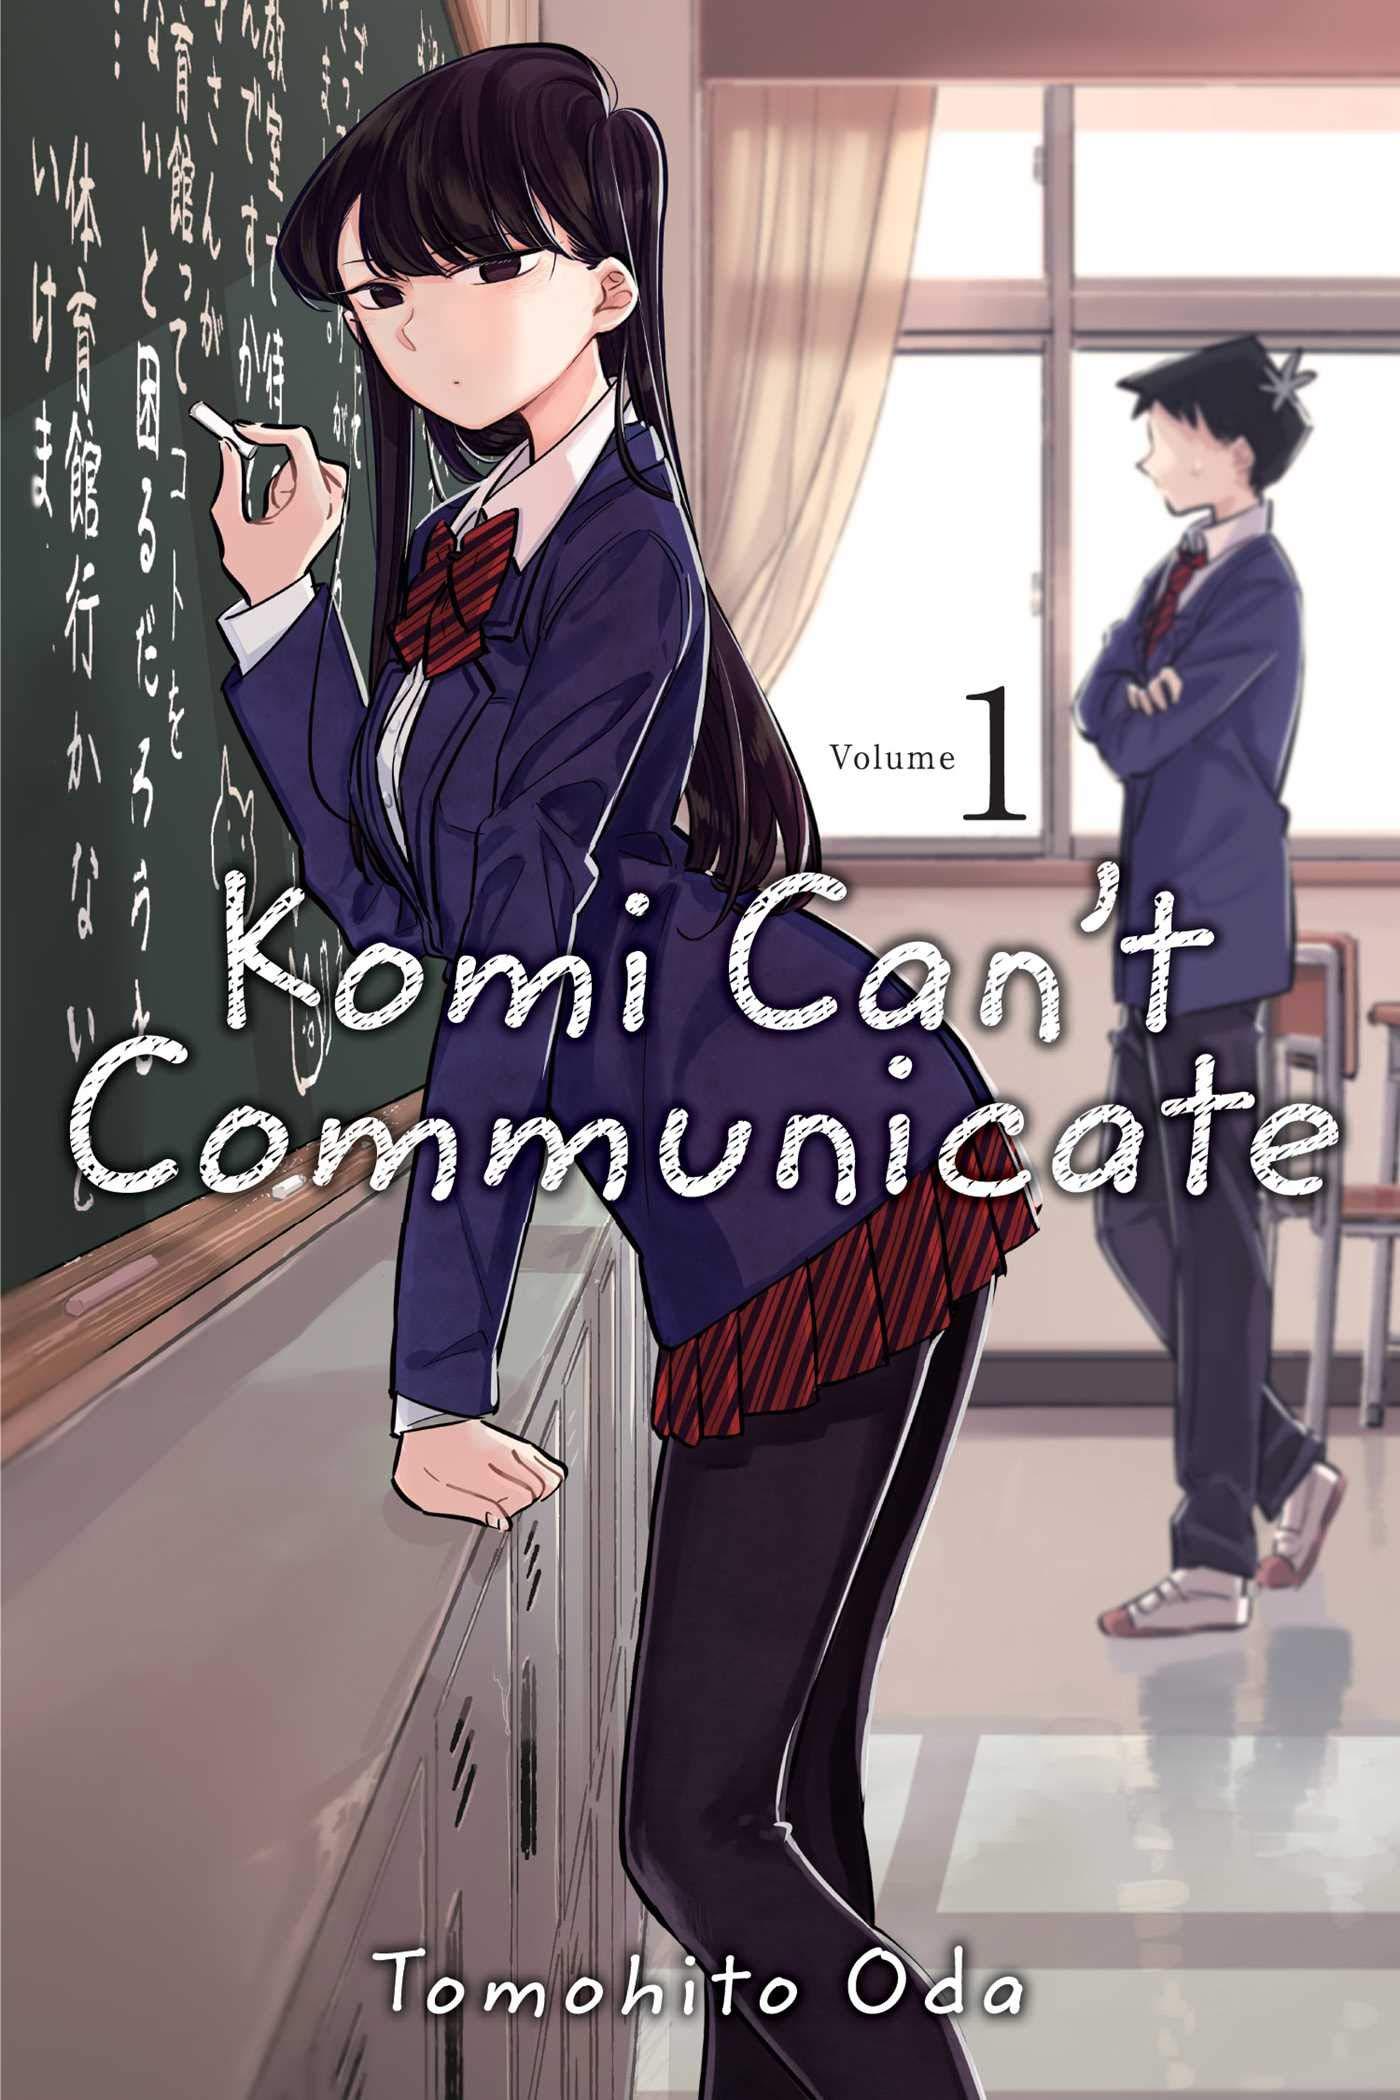 Amazon.com: Komi Can't Communicate, Vol. 1 (1) (9781974707126): Oda,  Tomohito: Books